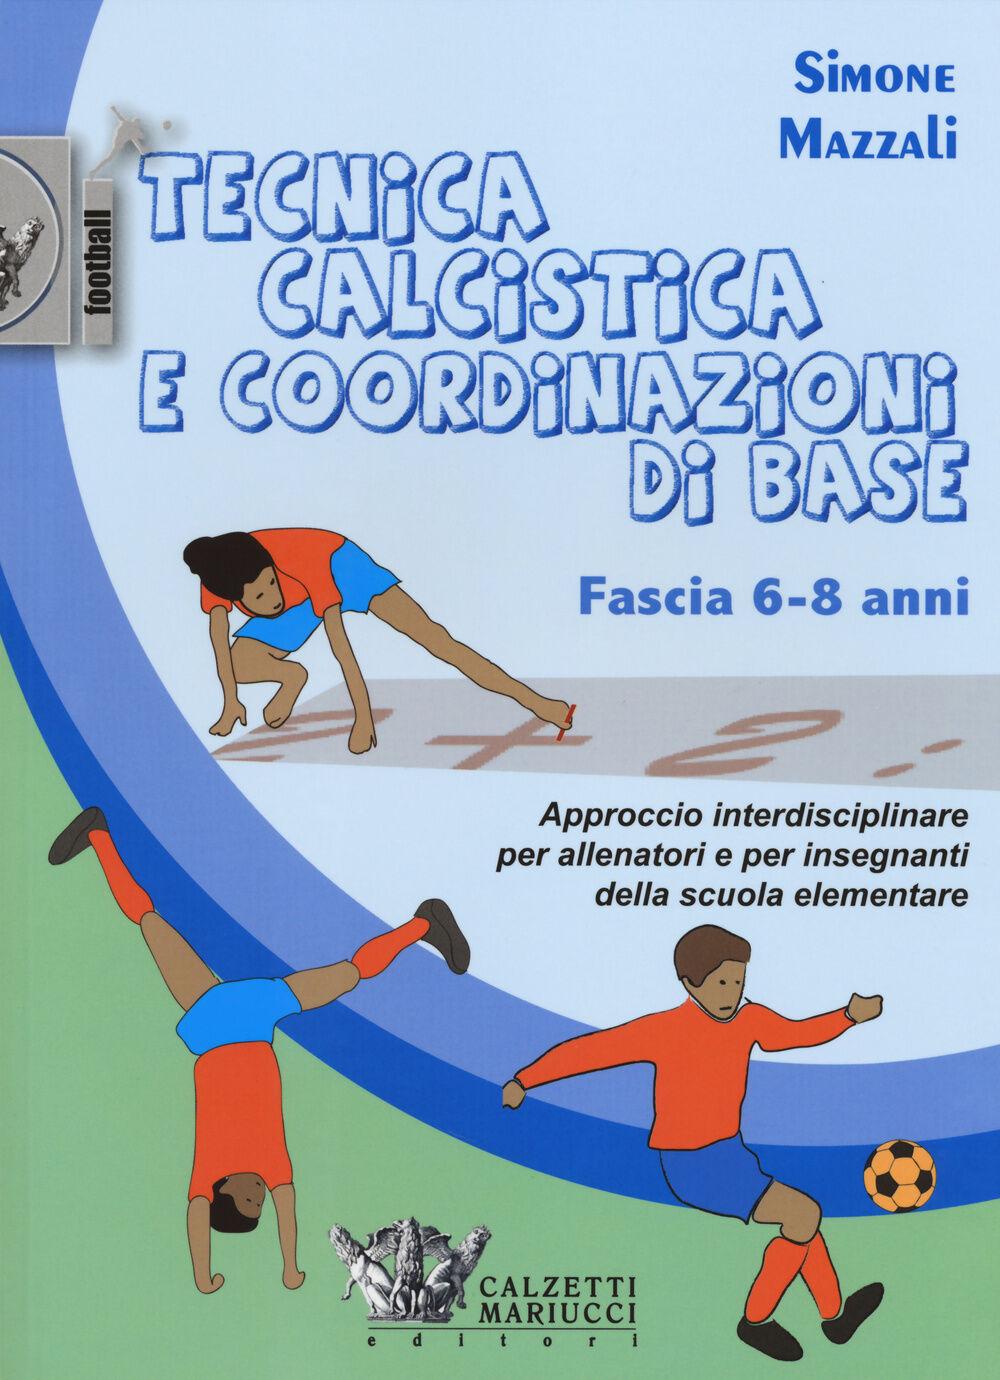 Tecnica calcistica e coordinazione di base. Fascia 6-8 anni. Approccio interdisciplinare per allenatori e per insegnanti della scuola elementare